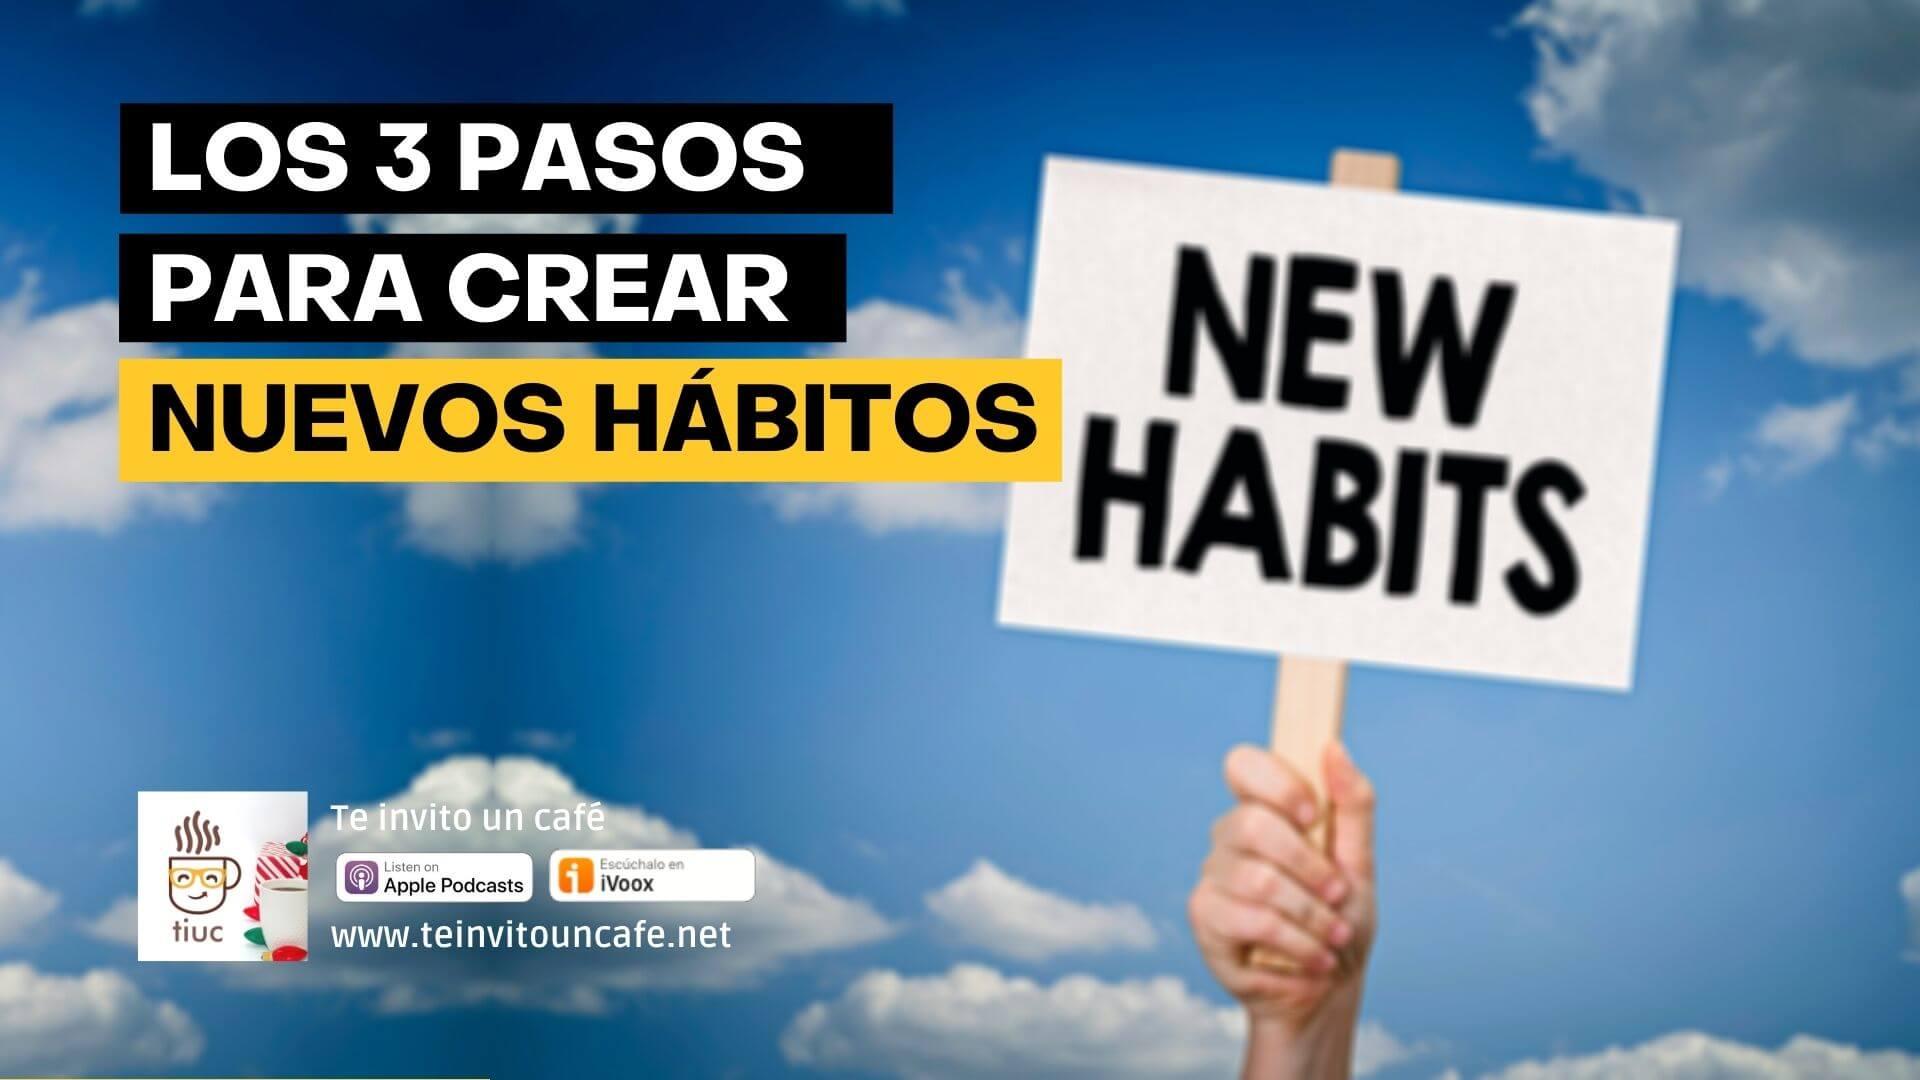 Los 3 Pasos para crear Nuevos Hábitos